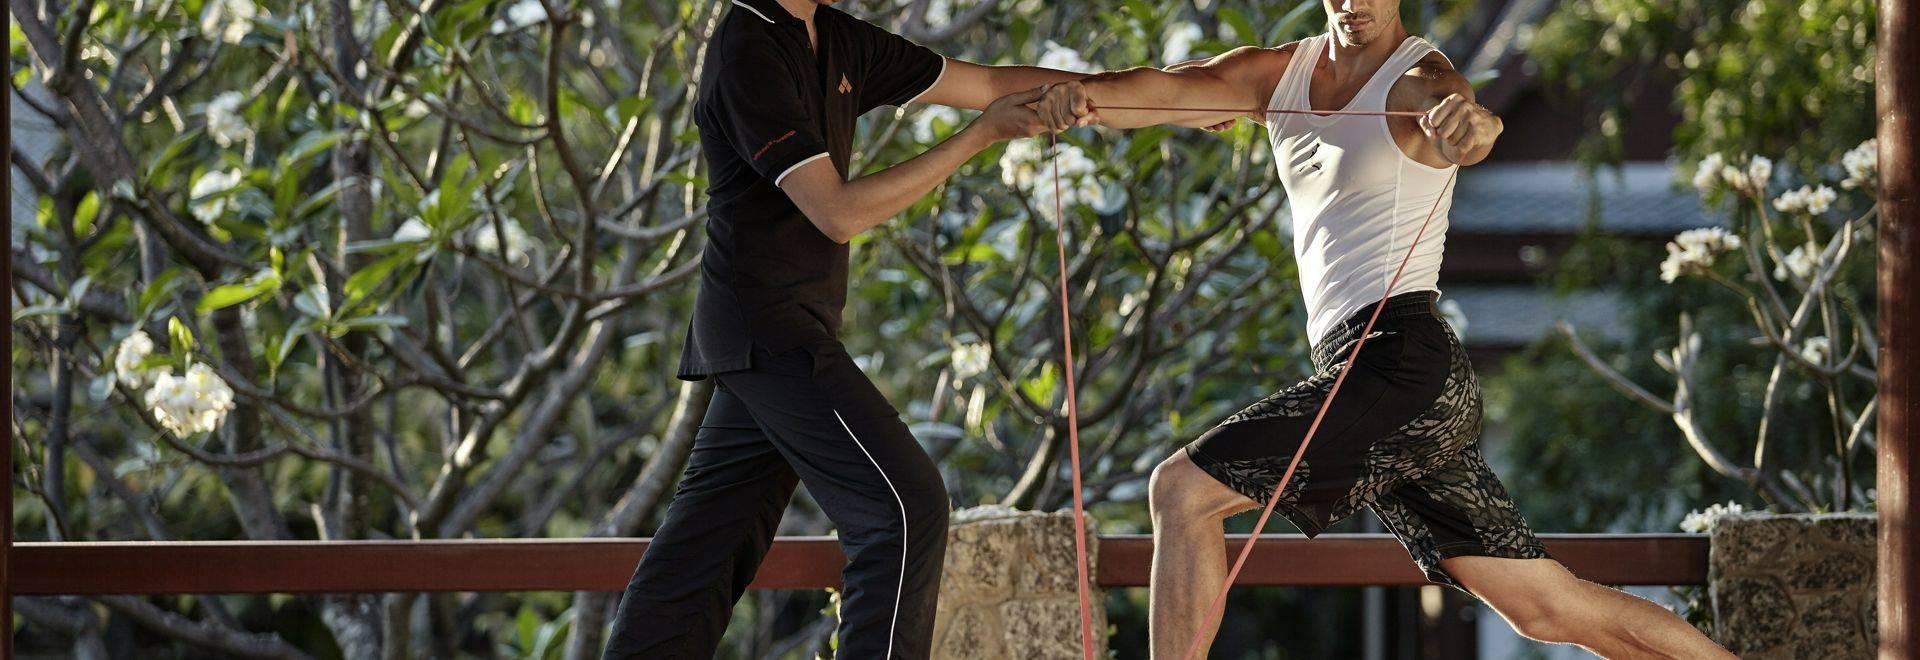 Chiva-Som-outdoor-training-1.jpg